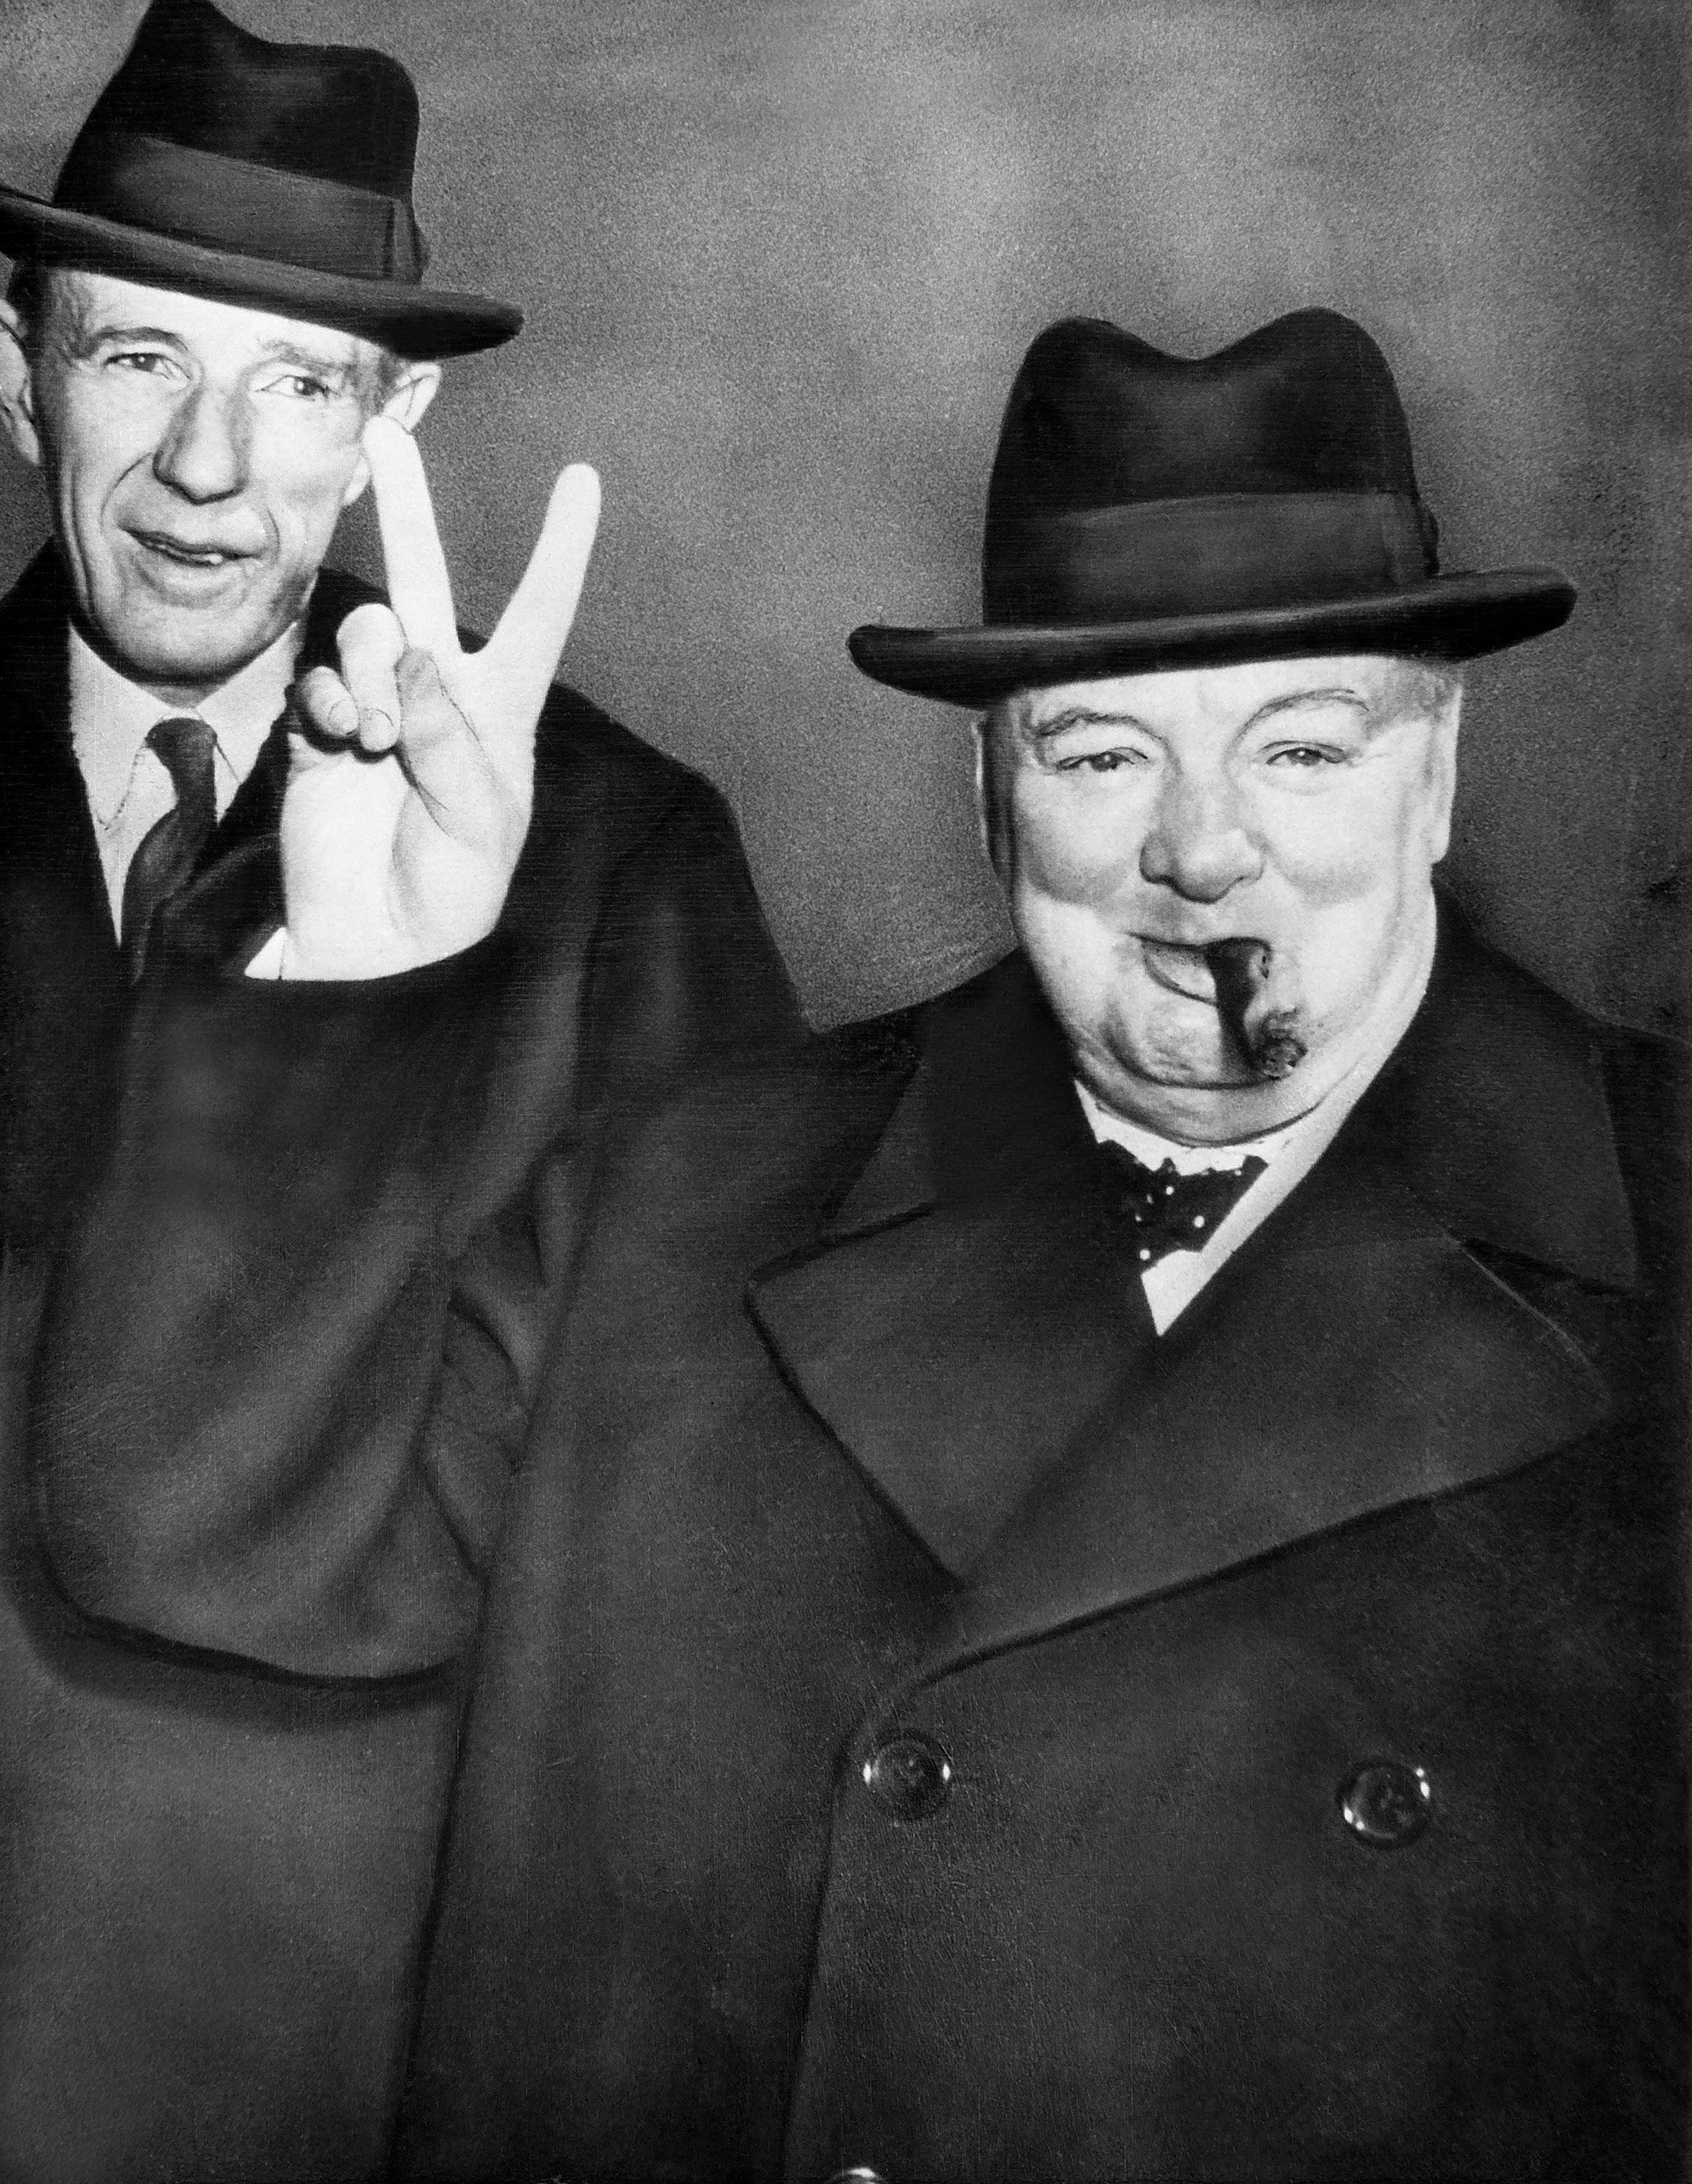 Der britische Premierminister Winston Churchill (1874-1965), rechts, zusammen mit Edward Wood, erster Lord von Halifax, links, am Flughafen in Washington D.C.. Nach einem Besuch beim amerikanischen Praesidenten Harry S. Truman, macht sich Churchill am 16. Februar 1946 wieder auf den Weg nach Florida. (KEYSTONE/IBA-ARCHIV/Str)